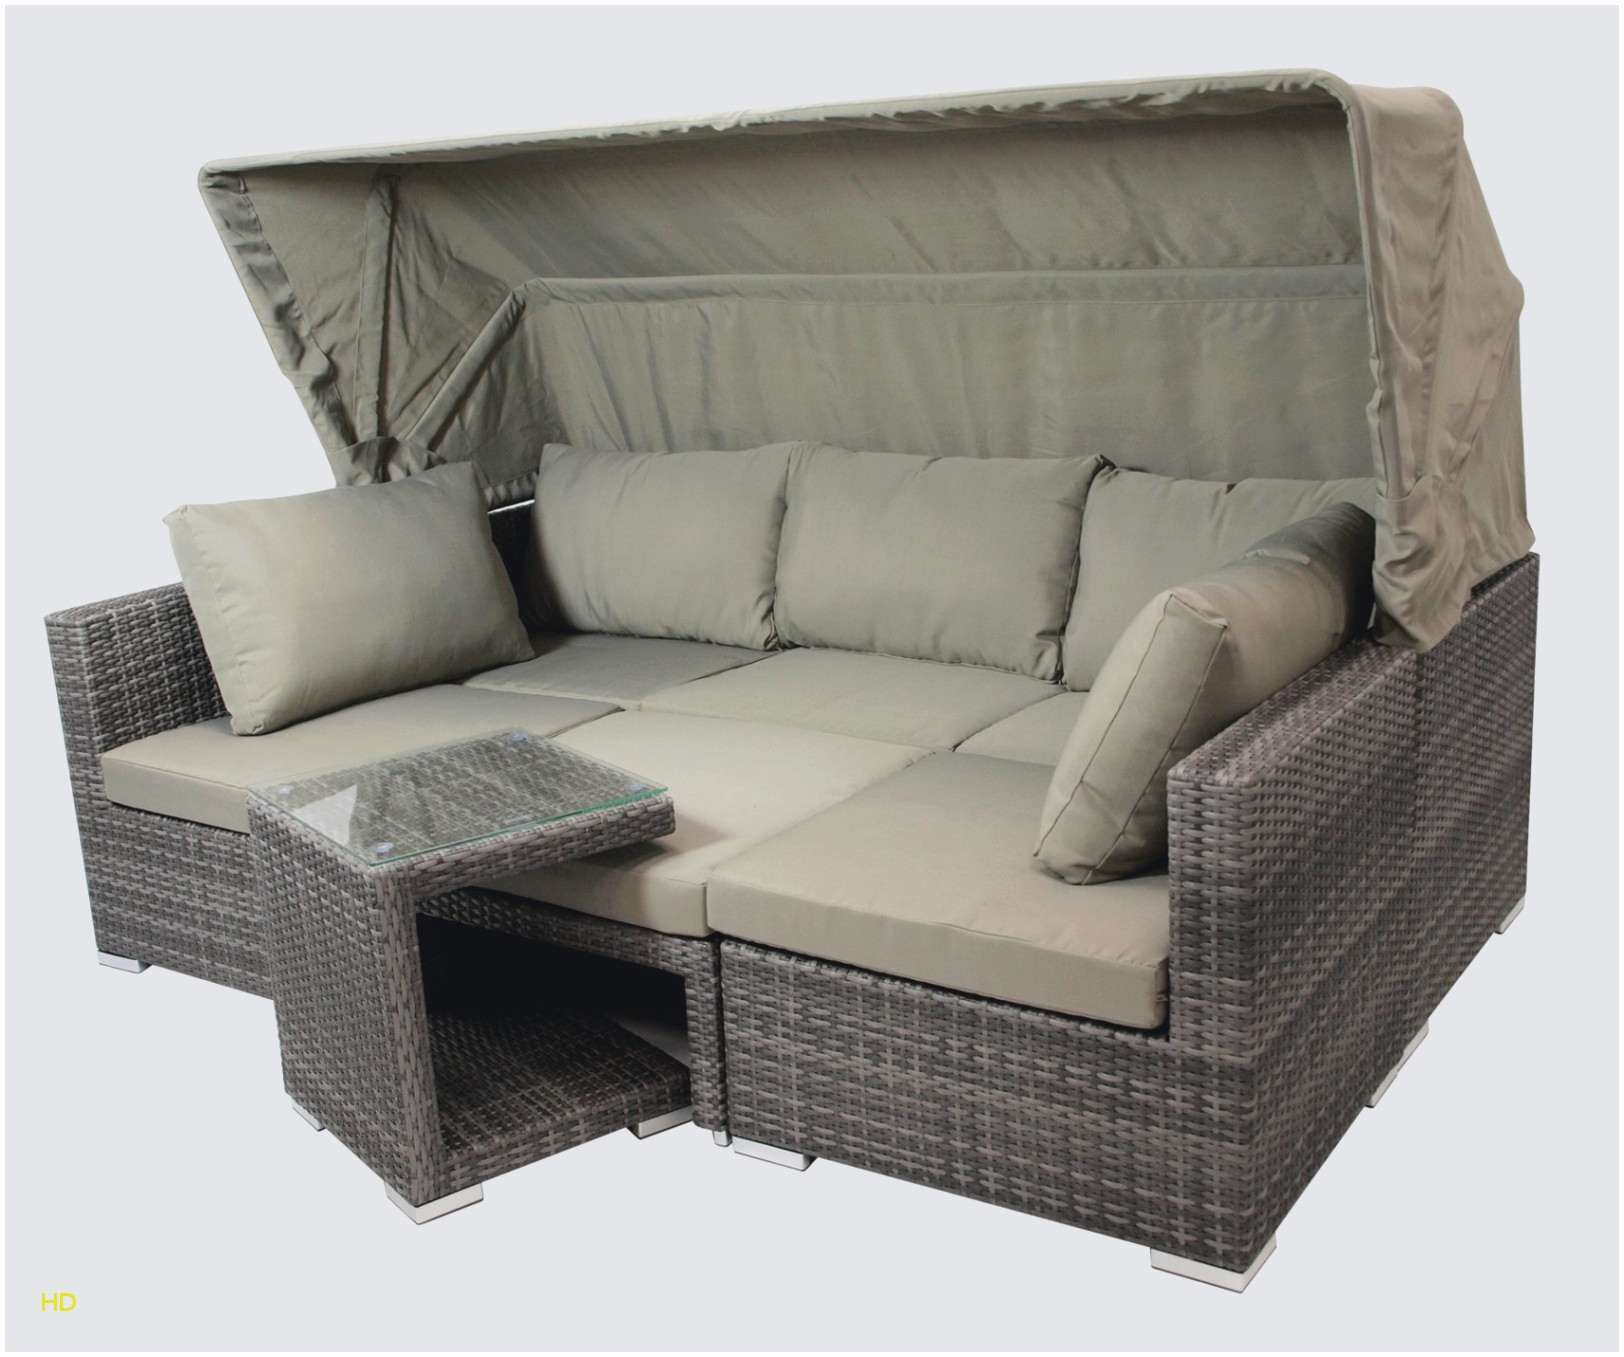 Lit Flaxa Ikea Magnifique Impressionnant Frisch Schrankbett Mit sofa Für Eure Eigentum